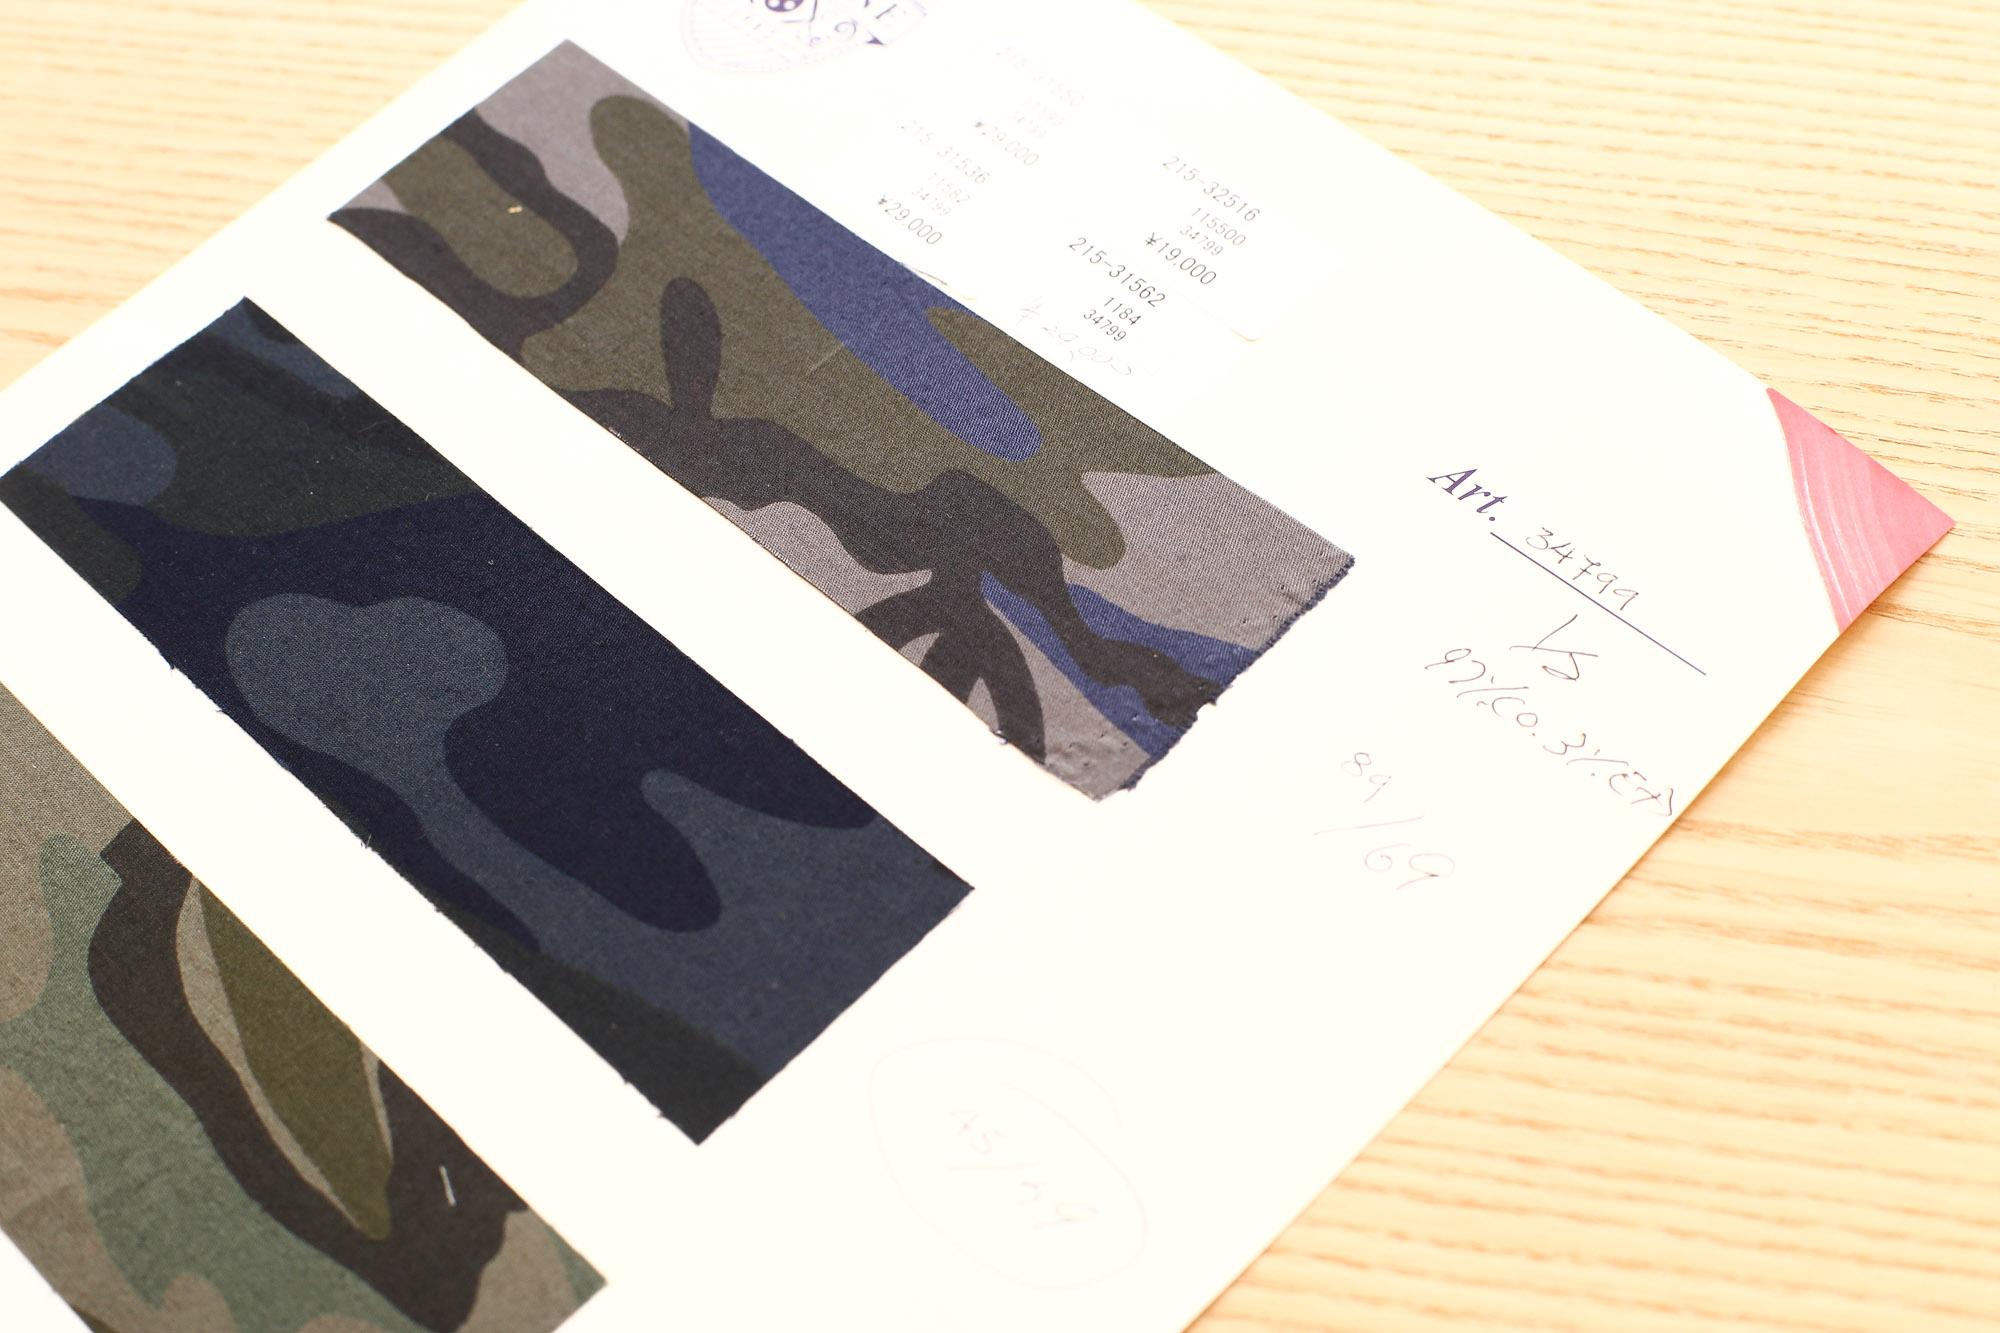 J.W.BRINE J.W.ブライン ワークパンツ カーゴパンツ チノパンツ スラックス スリムフィット 愛知 名古屋 ZODIAC 取扱い 2017 春夏 展示会ショートパンツ 迷彩 カモ柄